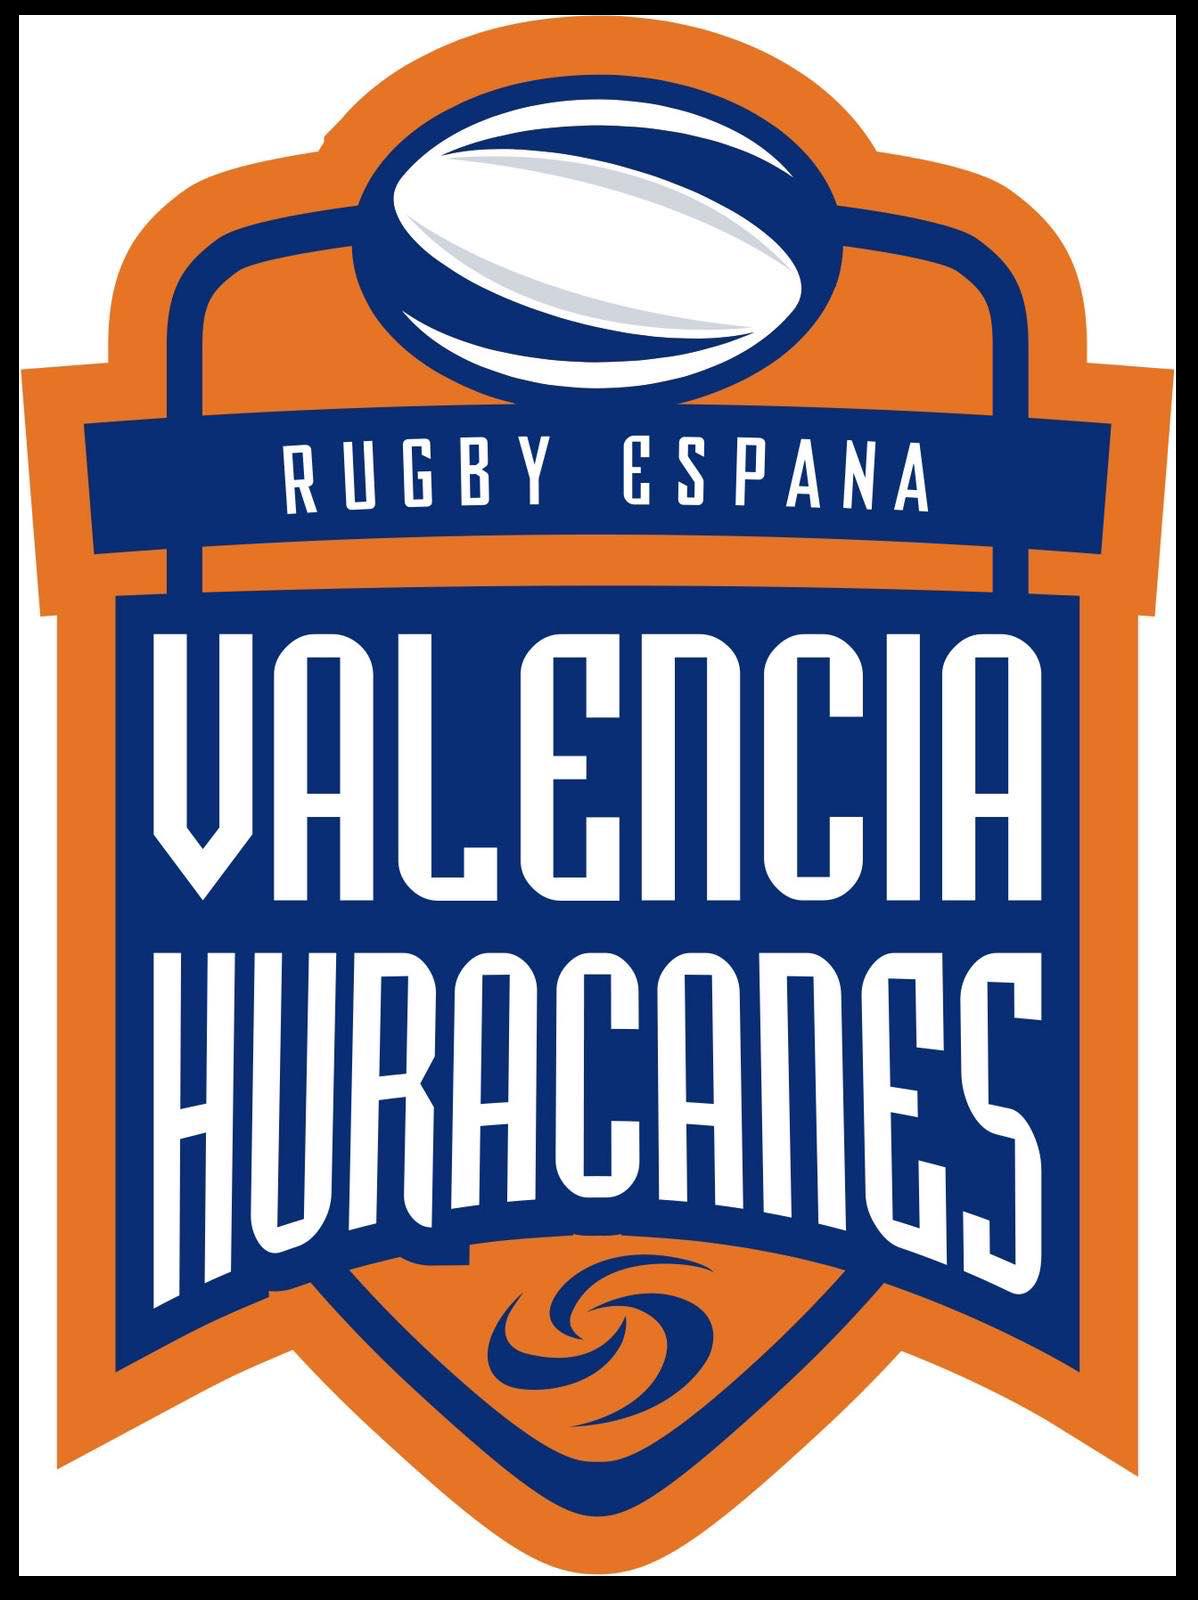 Valencia Huracanes